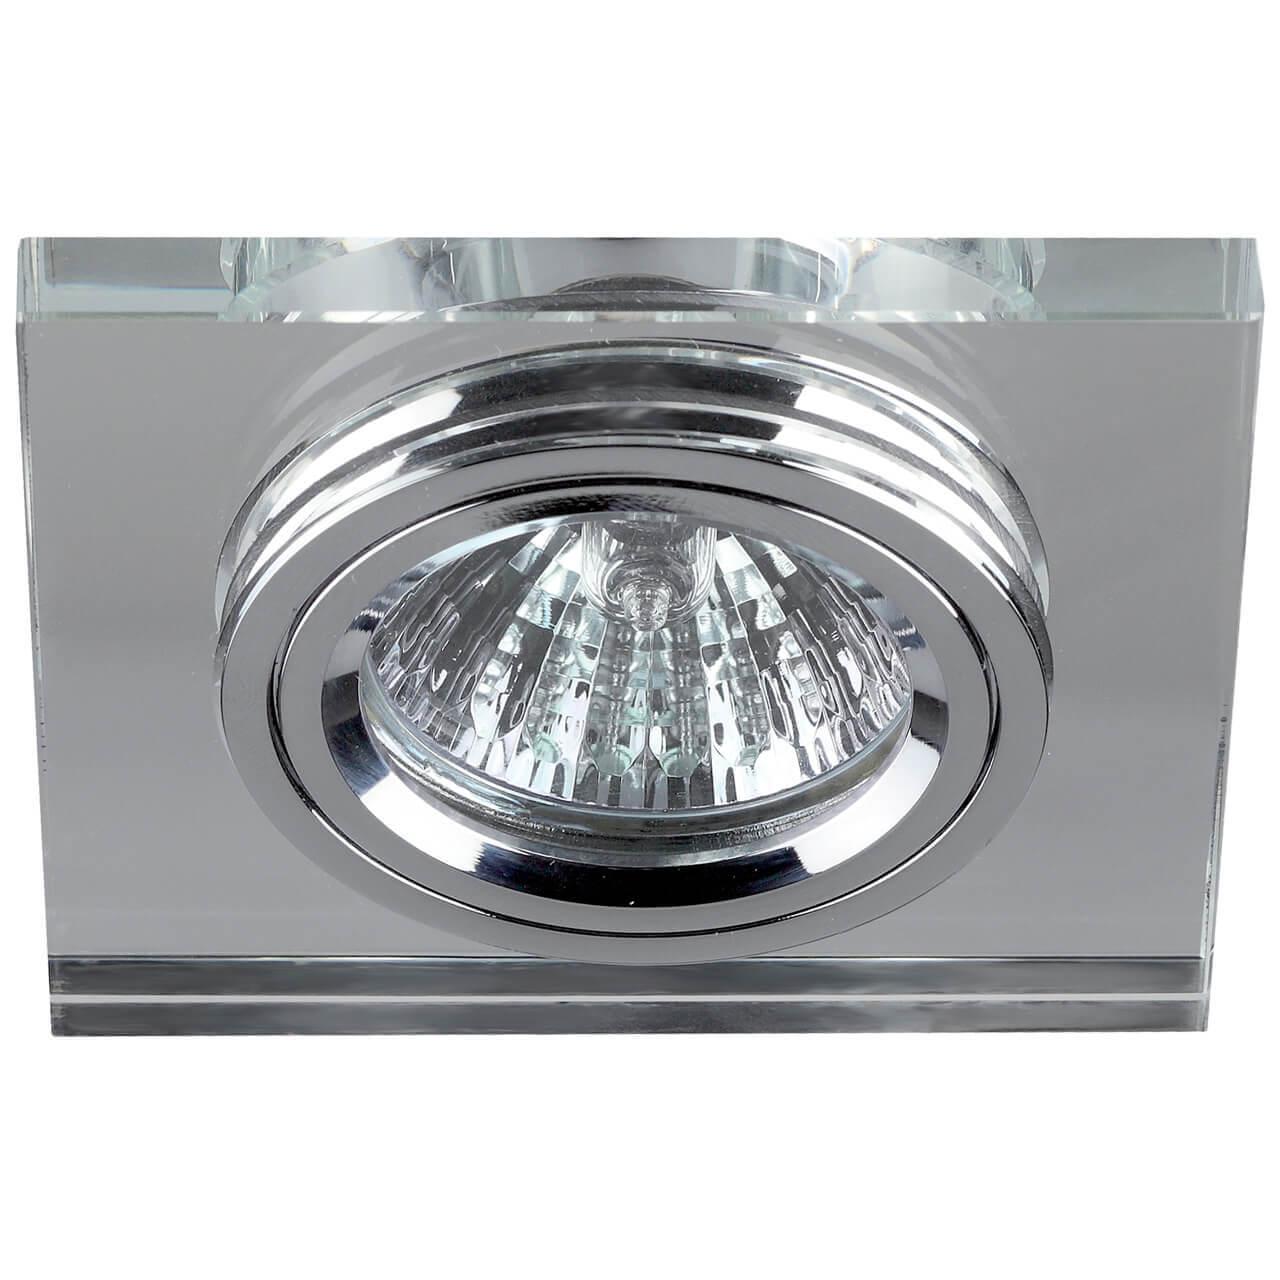 Встраиваемый светильник ЭРА Декор DK8 CH/WH